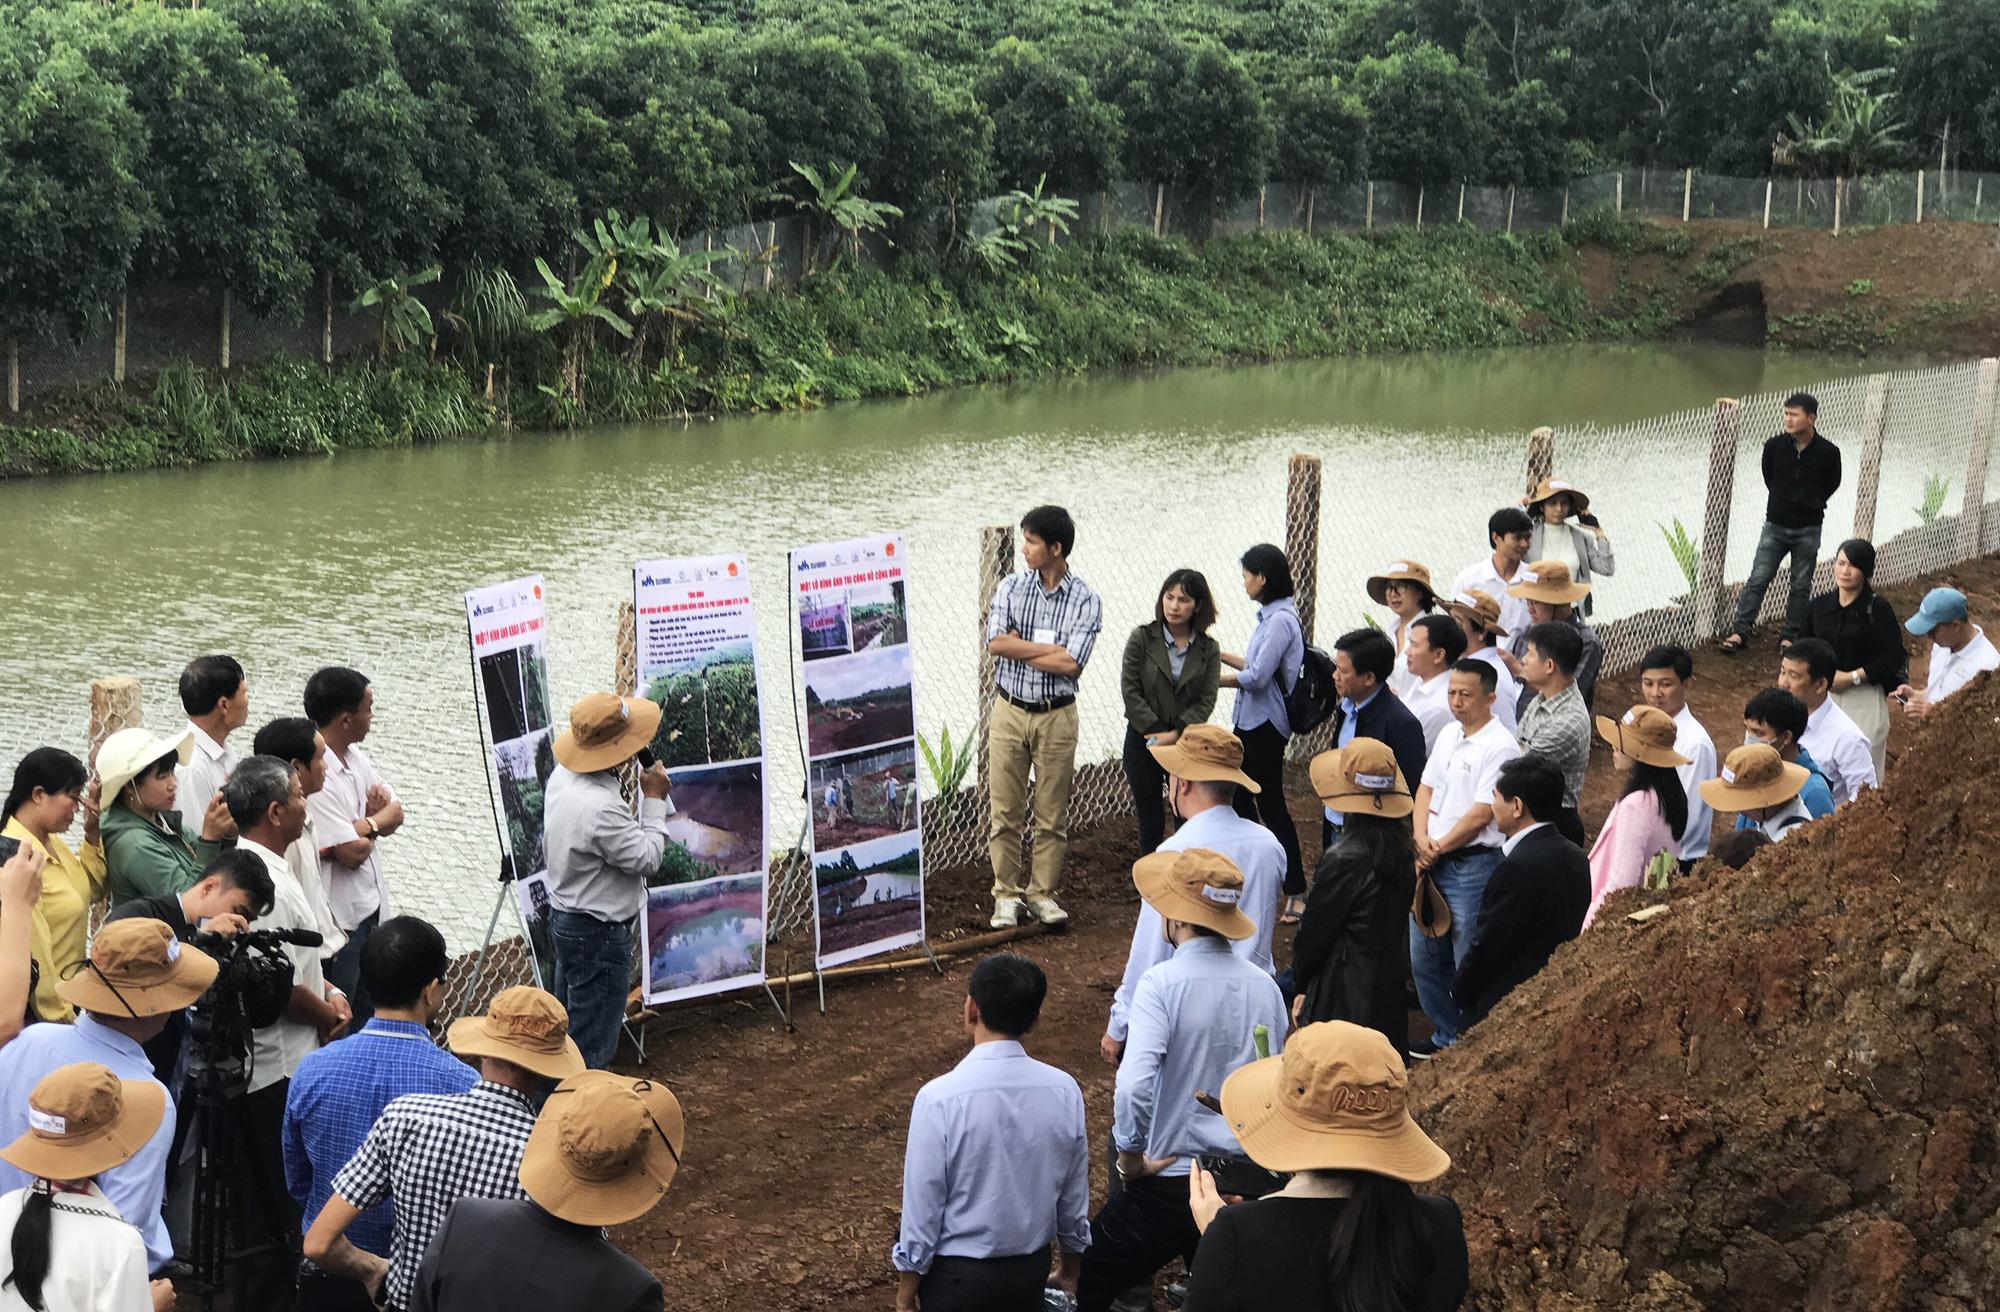 Chương trình cảnh quan bền vững giảm chi phí, tăng thu nhập cho nông dân - Ảnh 2.